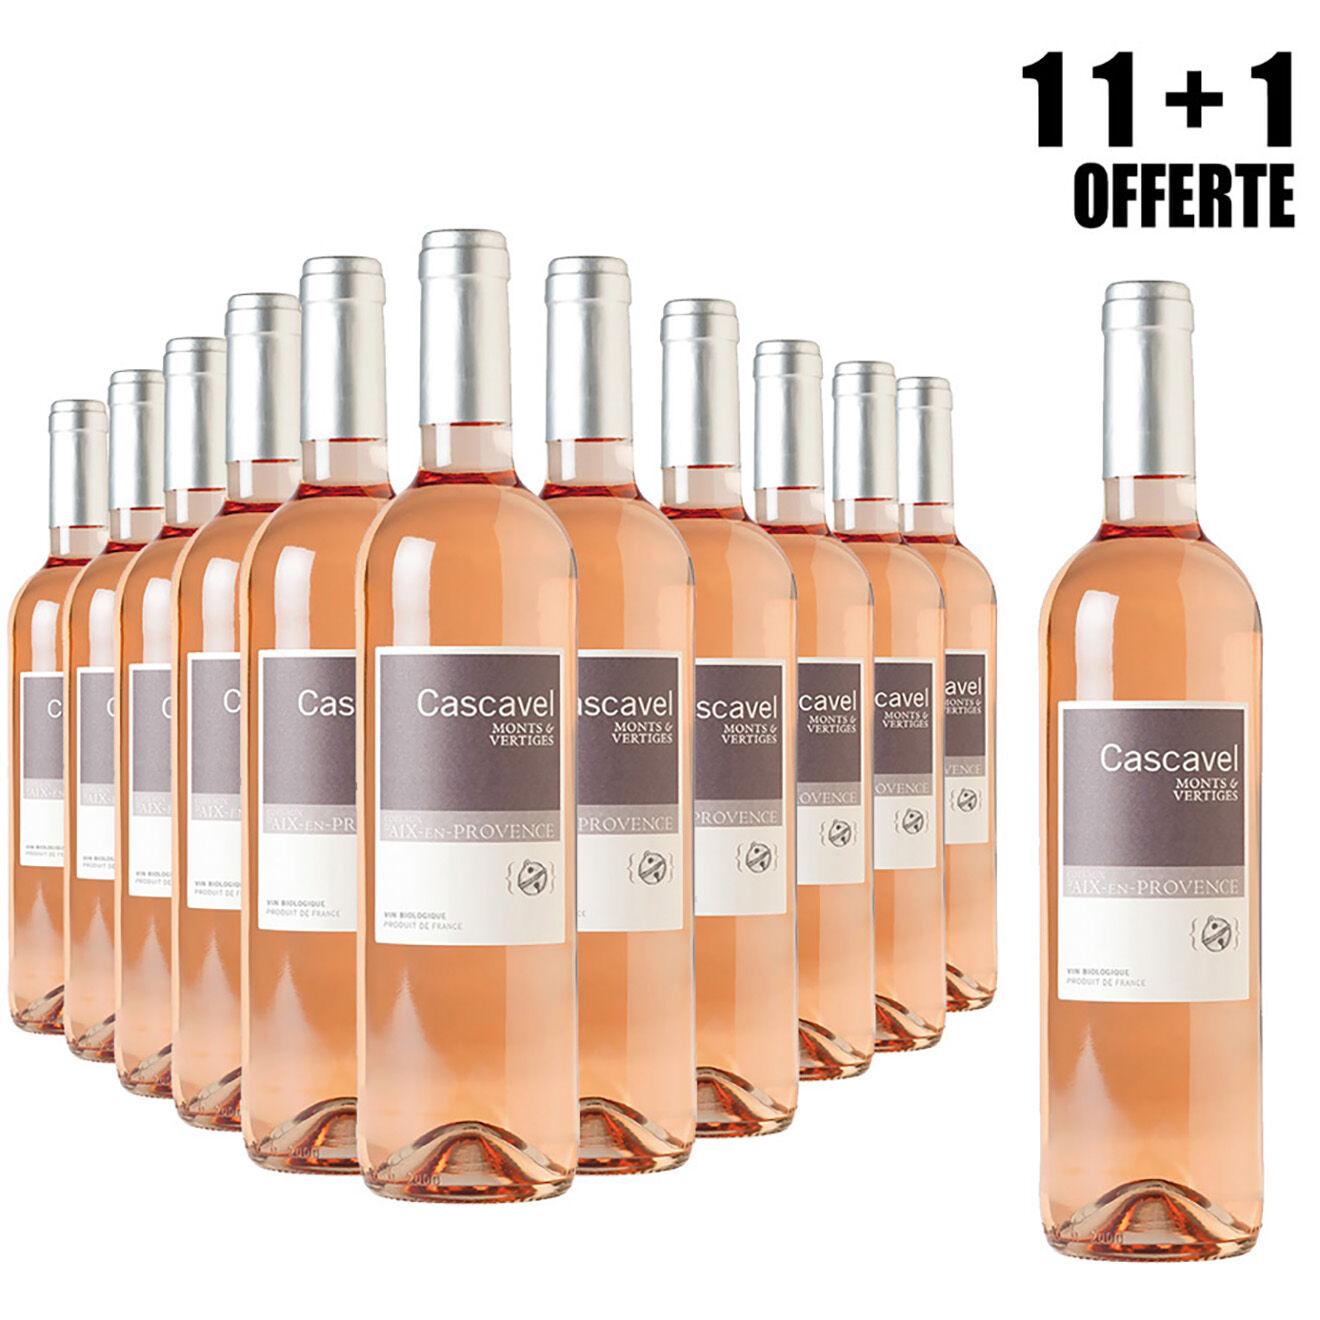 Lot de 11 Coteaux-d'Aix-en-Provence Rosé 2018 Cascavel 75cl + 1 Offerte